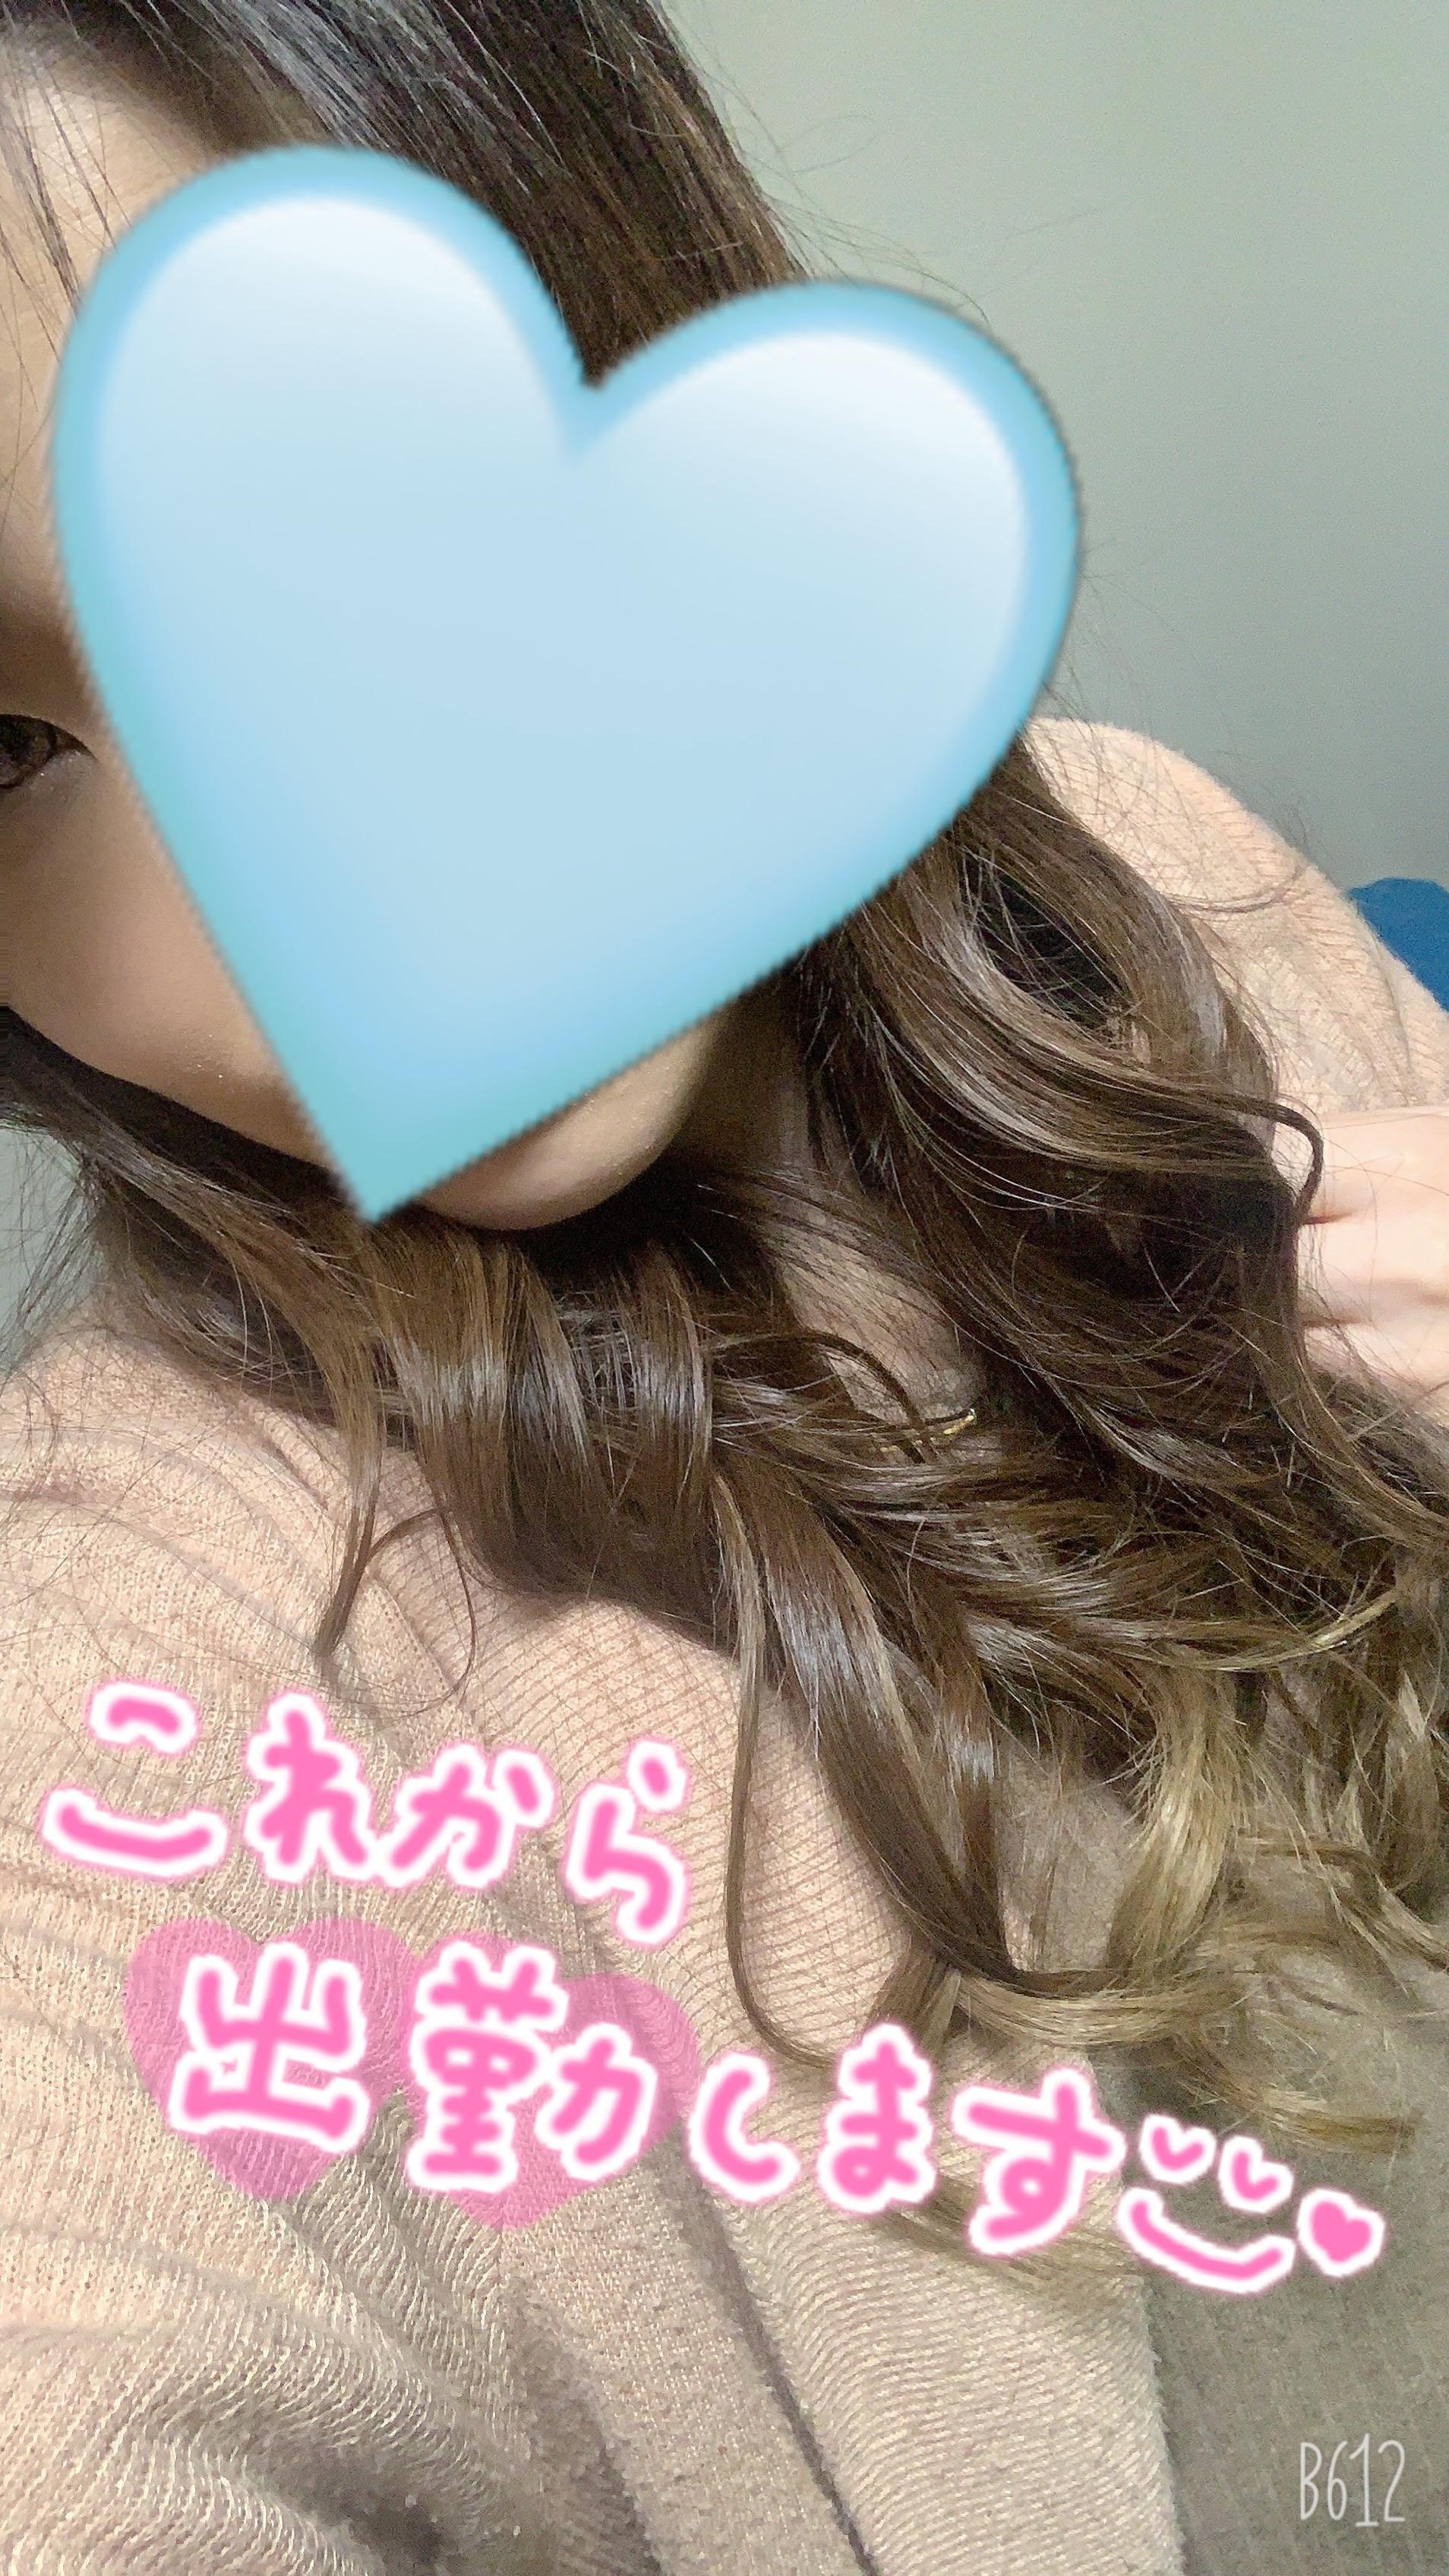 「★今日も」04/09(金) 09:11 | えるの写メ・風俗動画